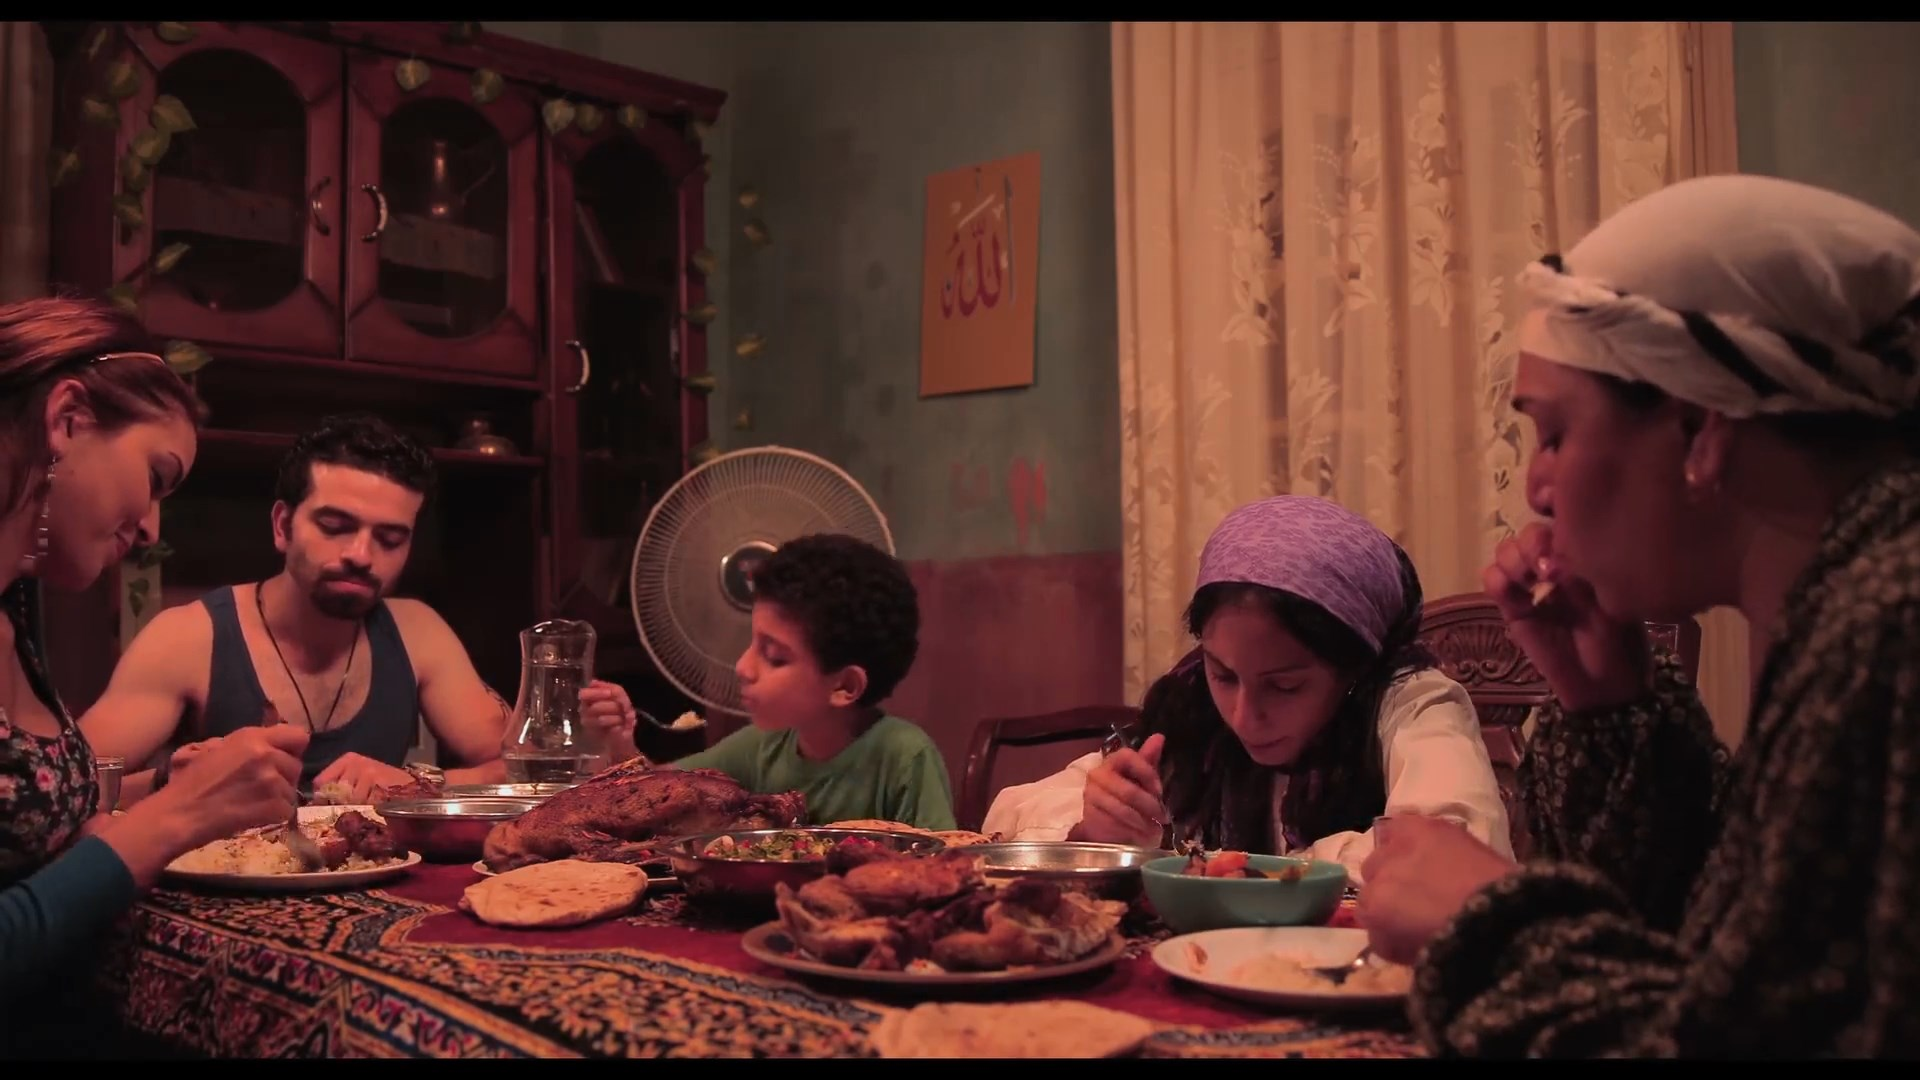 [فيلم][تورنت][تحميل][وردة][2014][1080p][Web-DL] 3 arabp2p.com